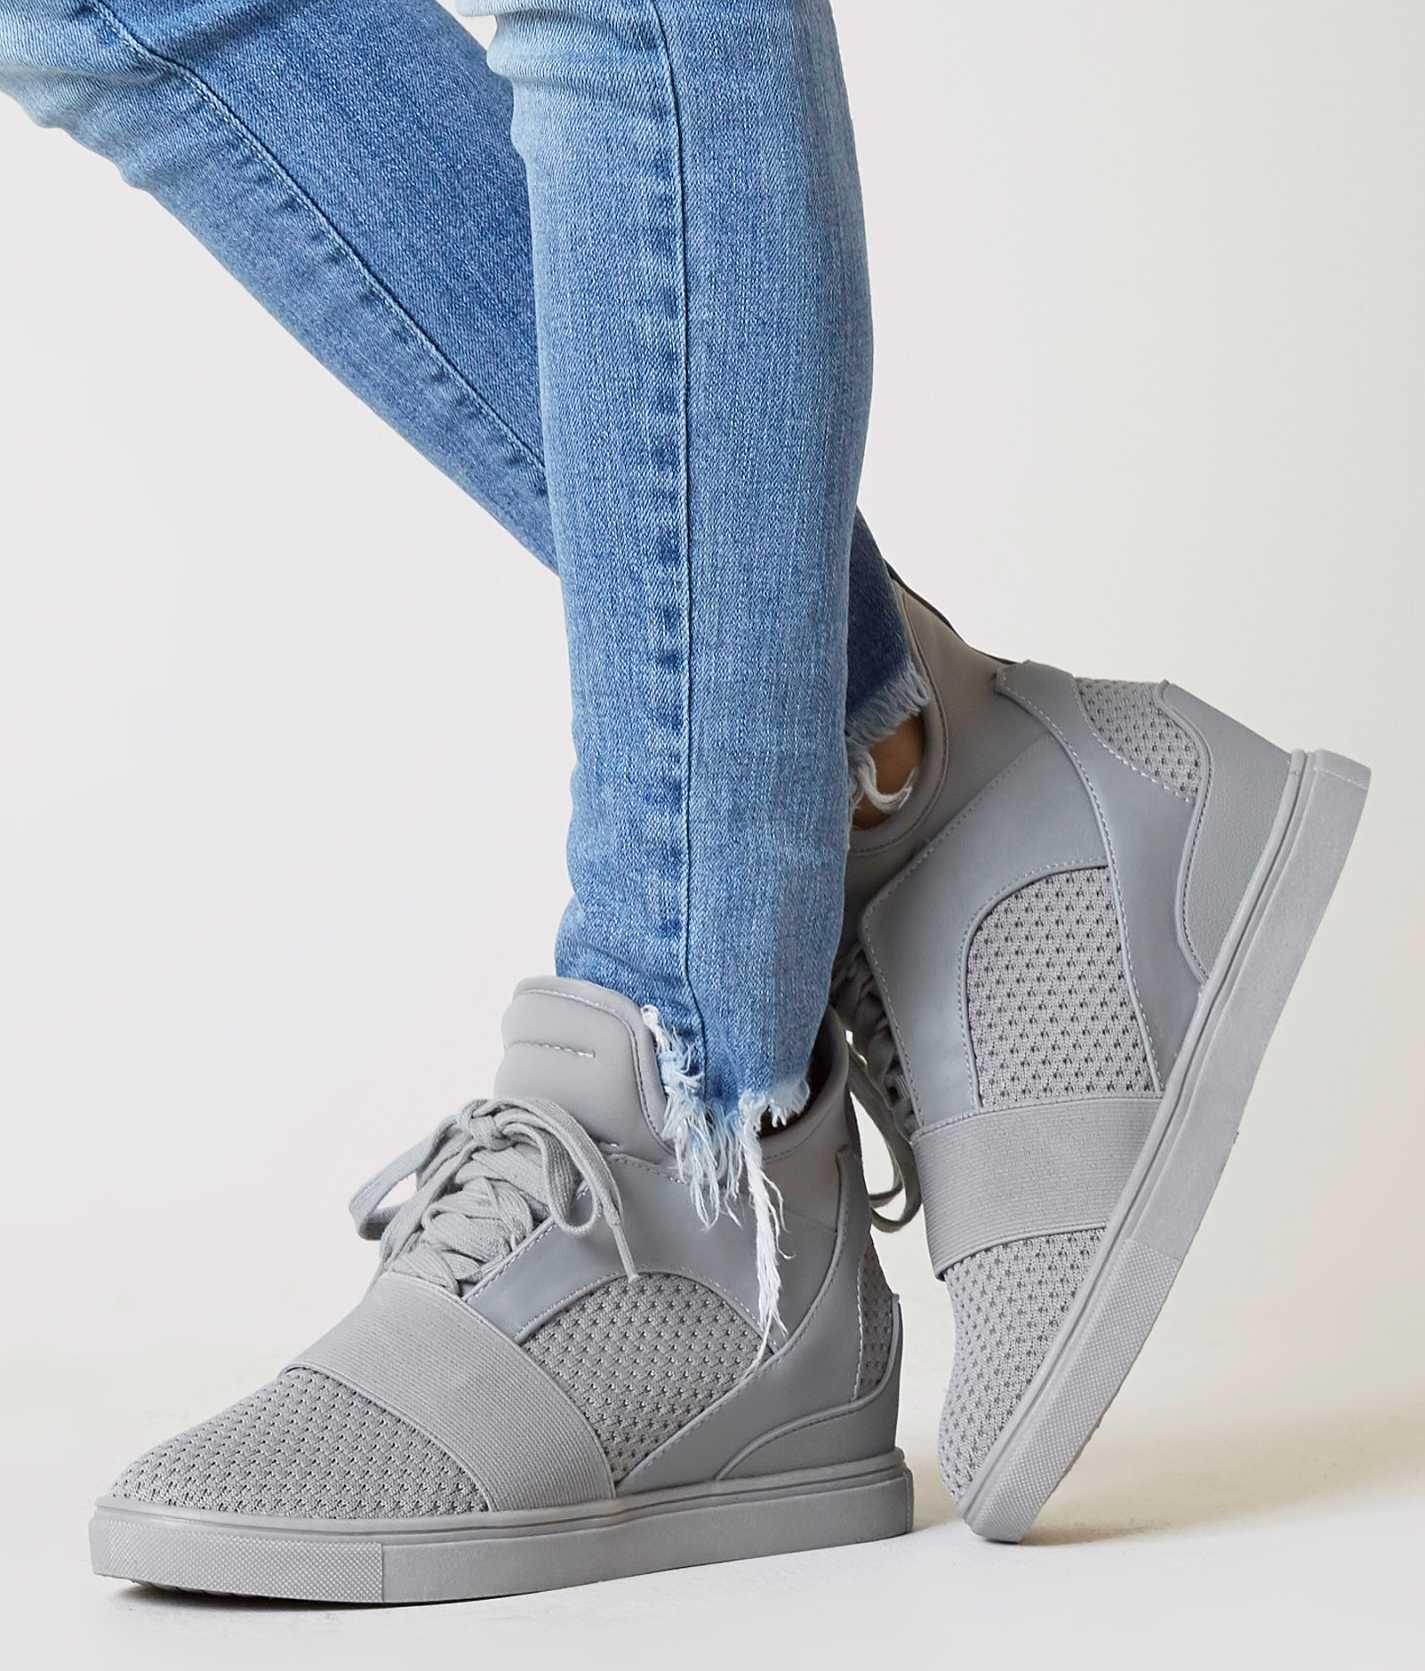 dc38b3d7015 Steve Madden Lexi Shoe - Women's Shoes in Grey   Buckle   Footwear ...